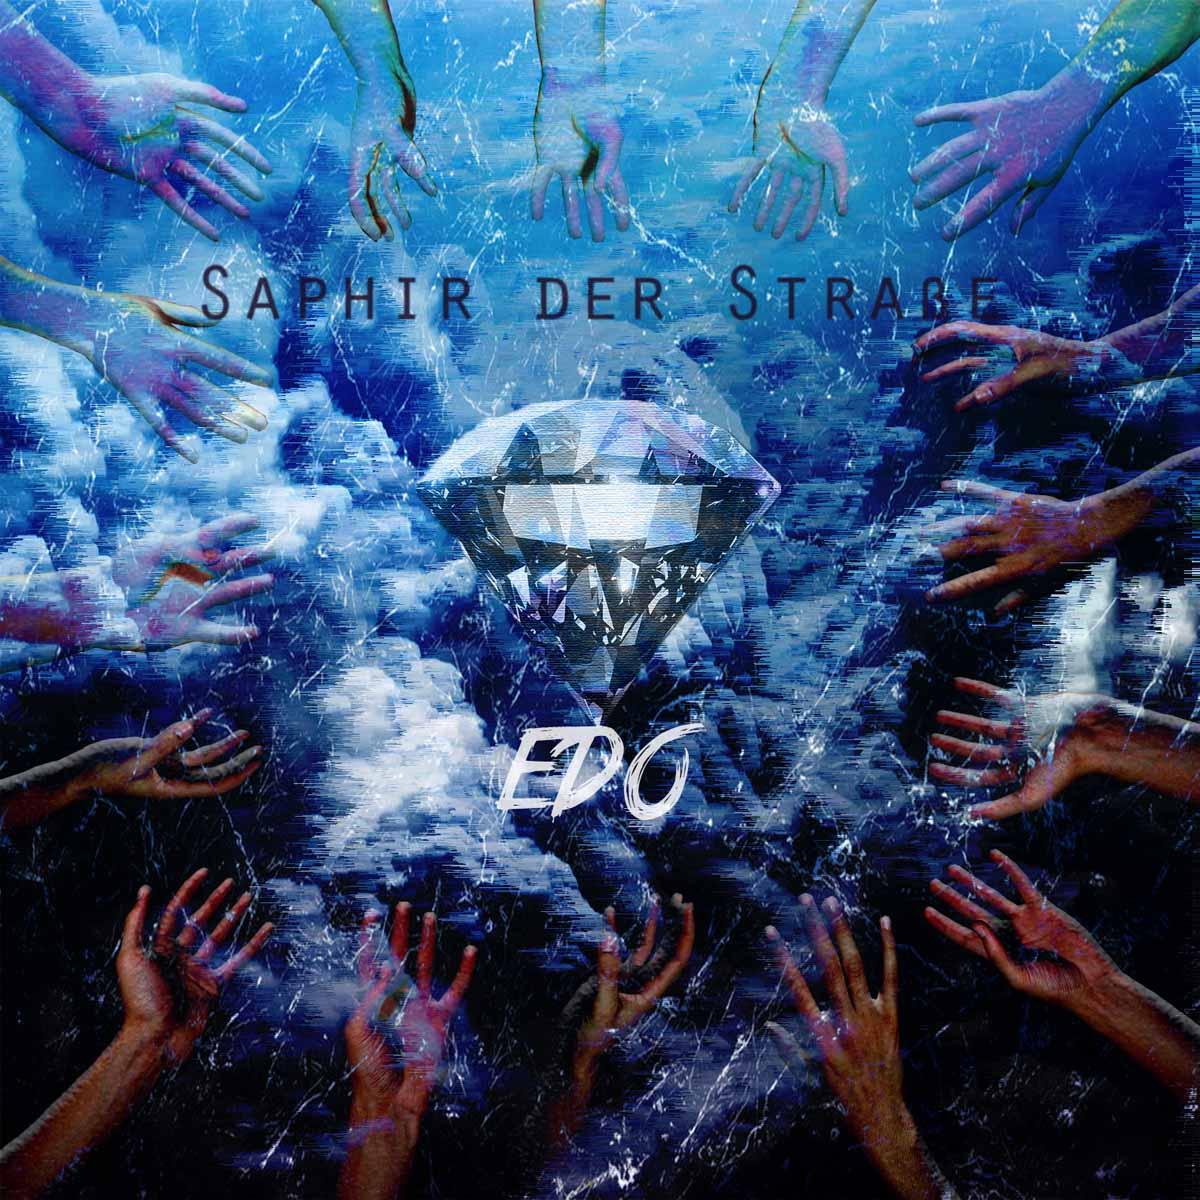 Upcoming: EDO - Saphir Der Straße (Treibsand)